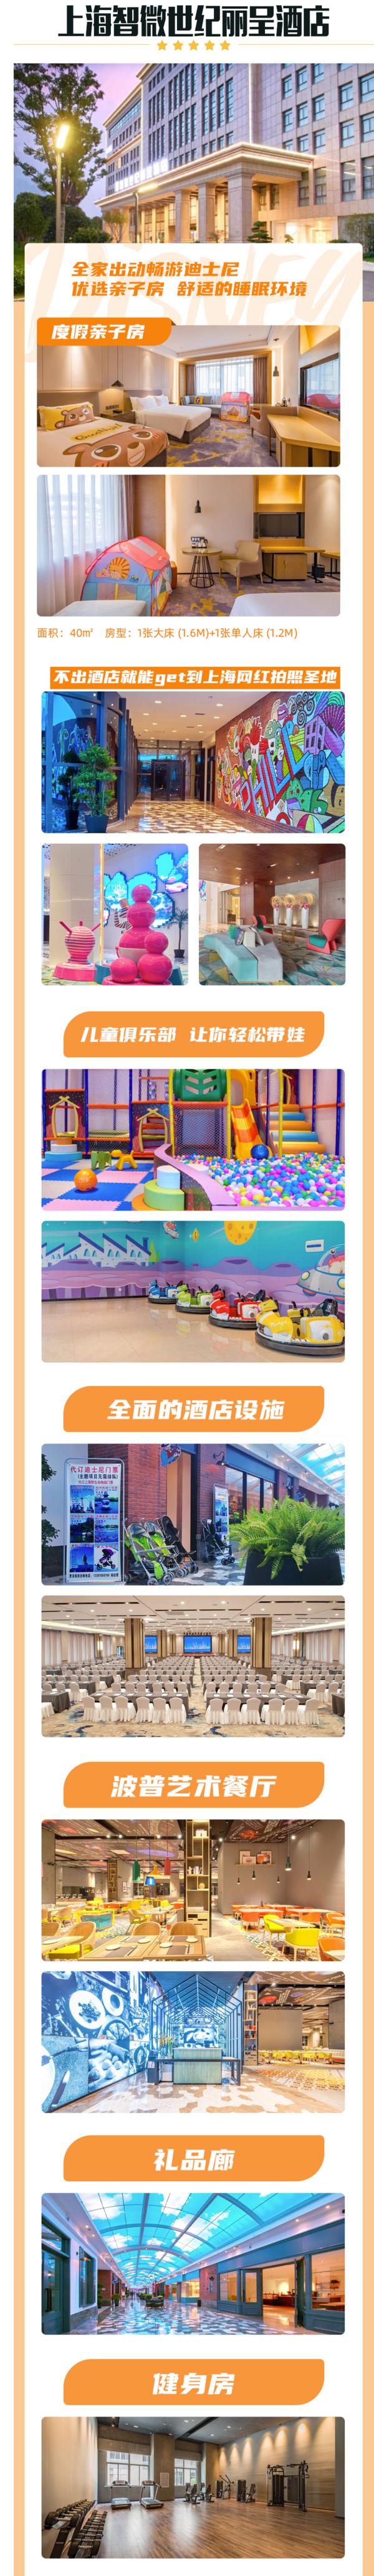 统一入园!有效期至年底!上海智微世纪丽呈酒店亲子房1晚(含早餐+迪士尼双人门票)